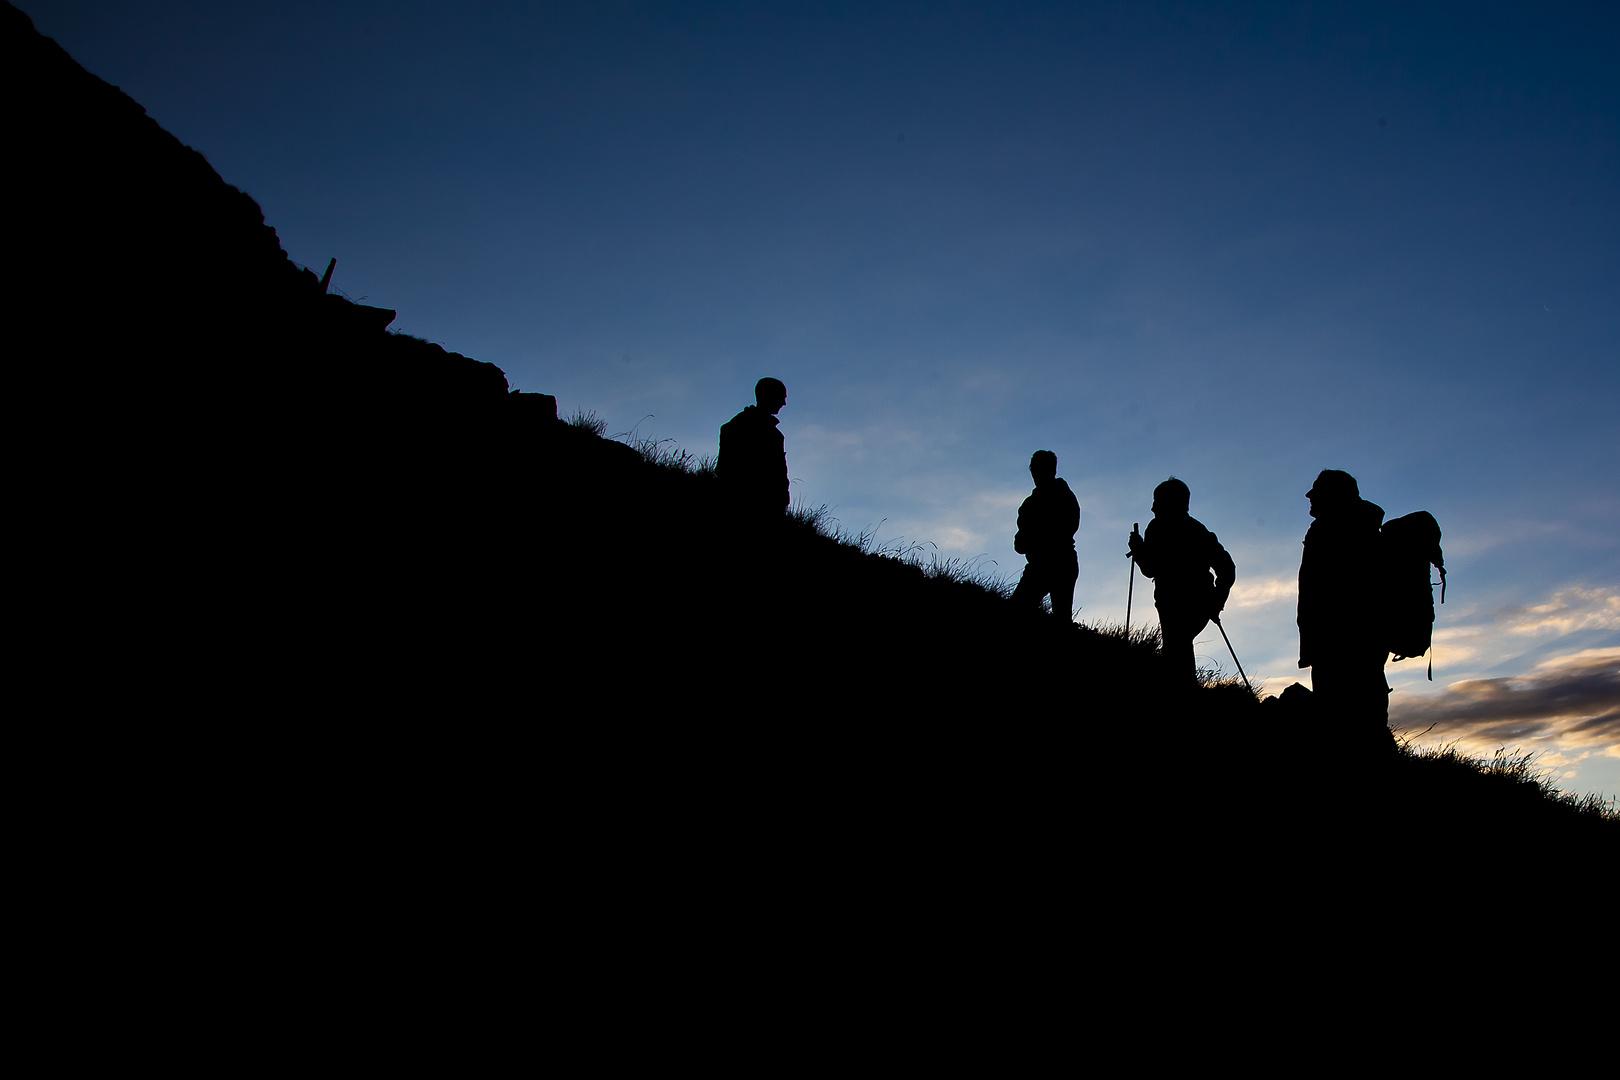 Der Berg ruft... ...und der Sonnenaufgang naht